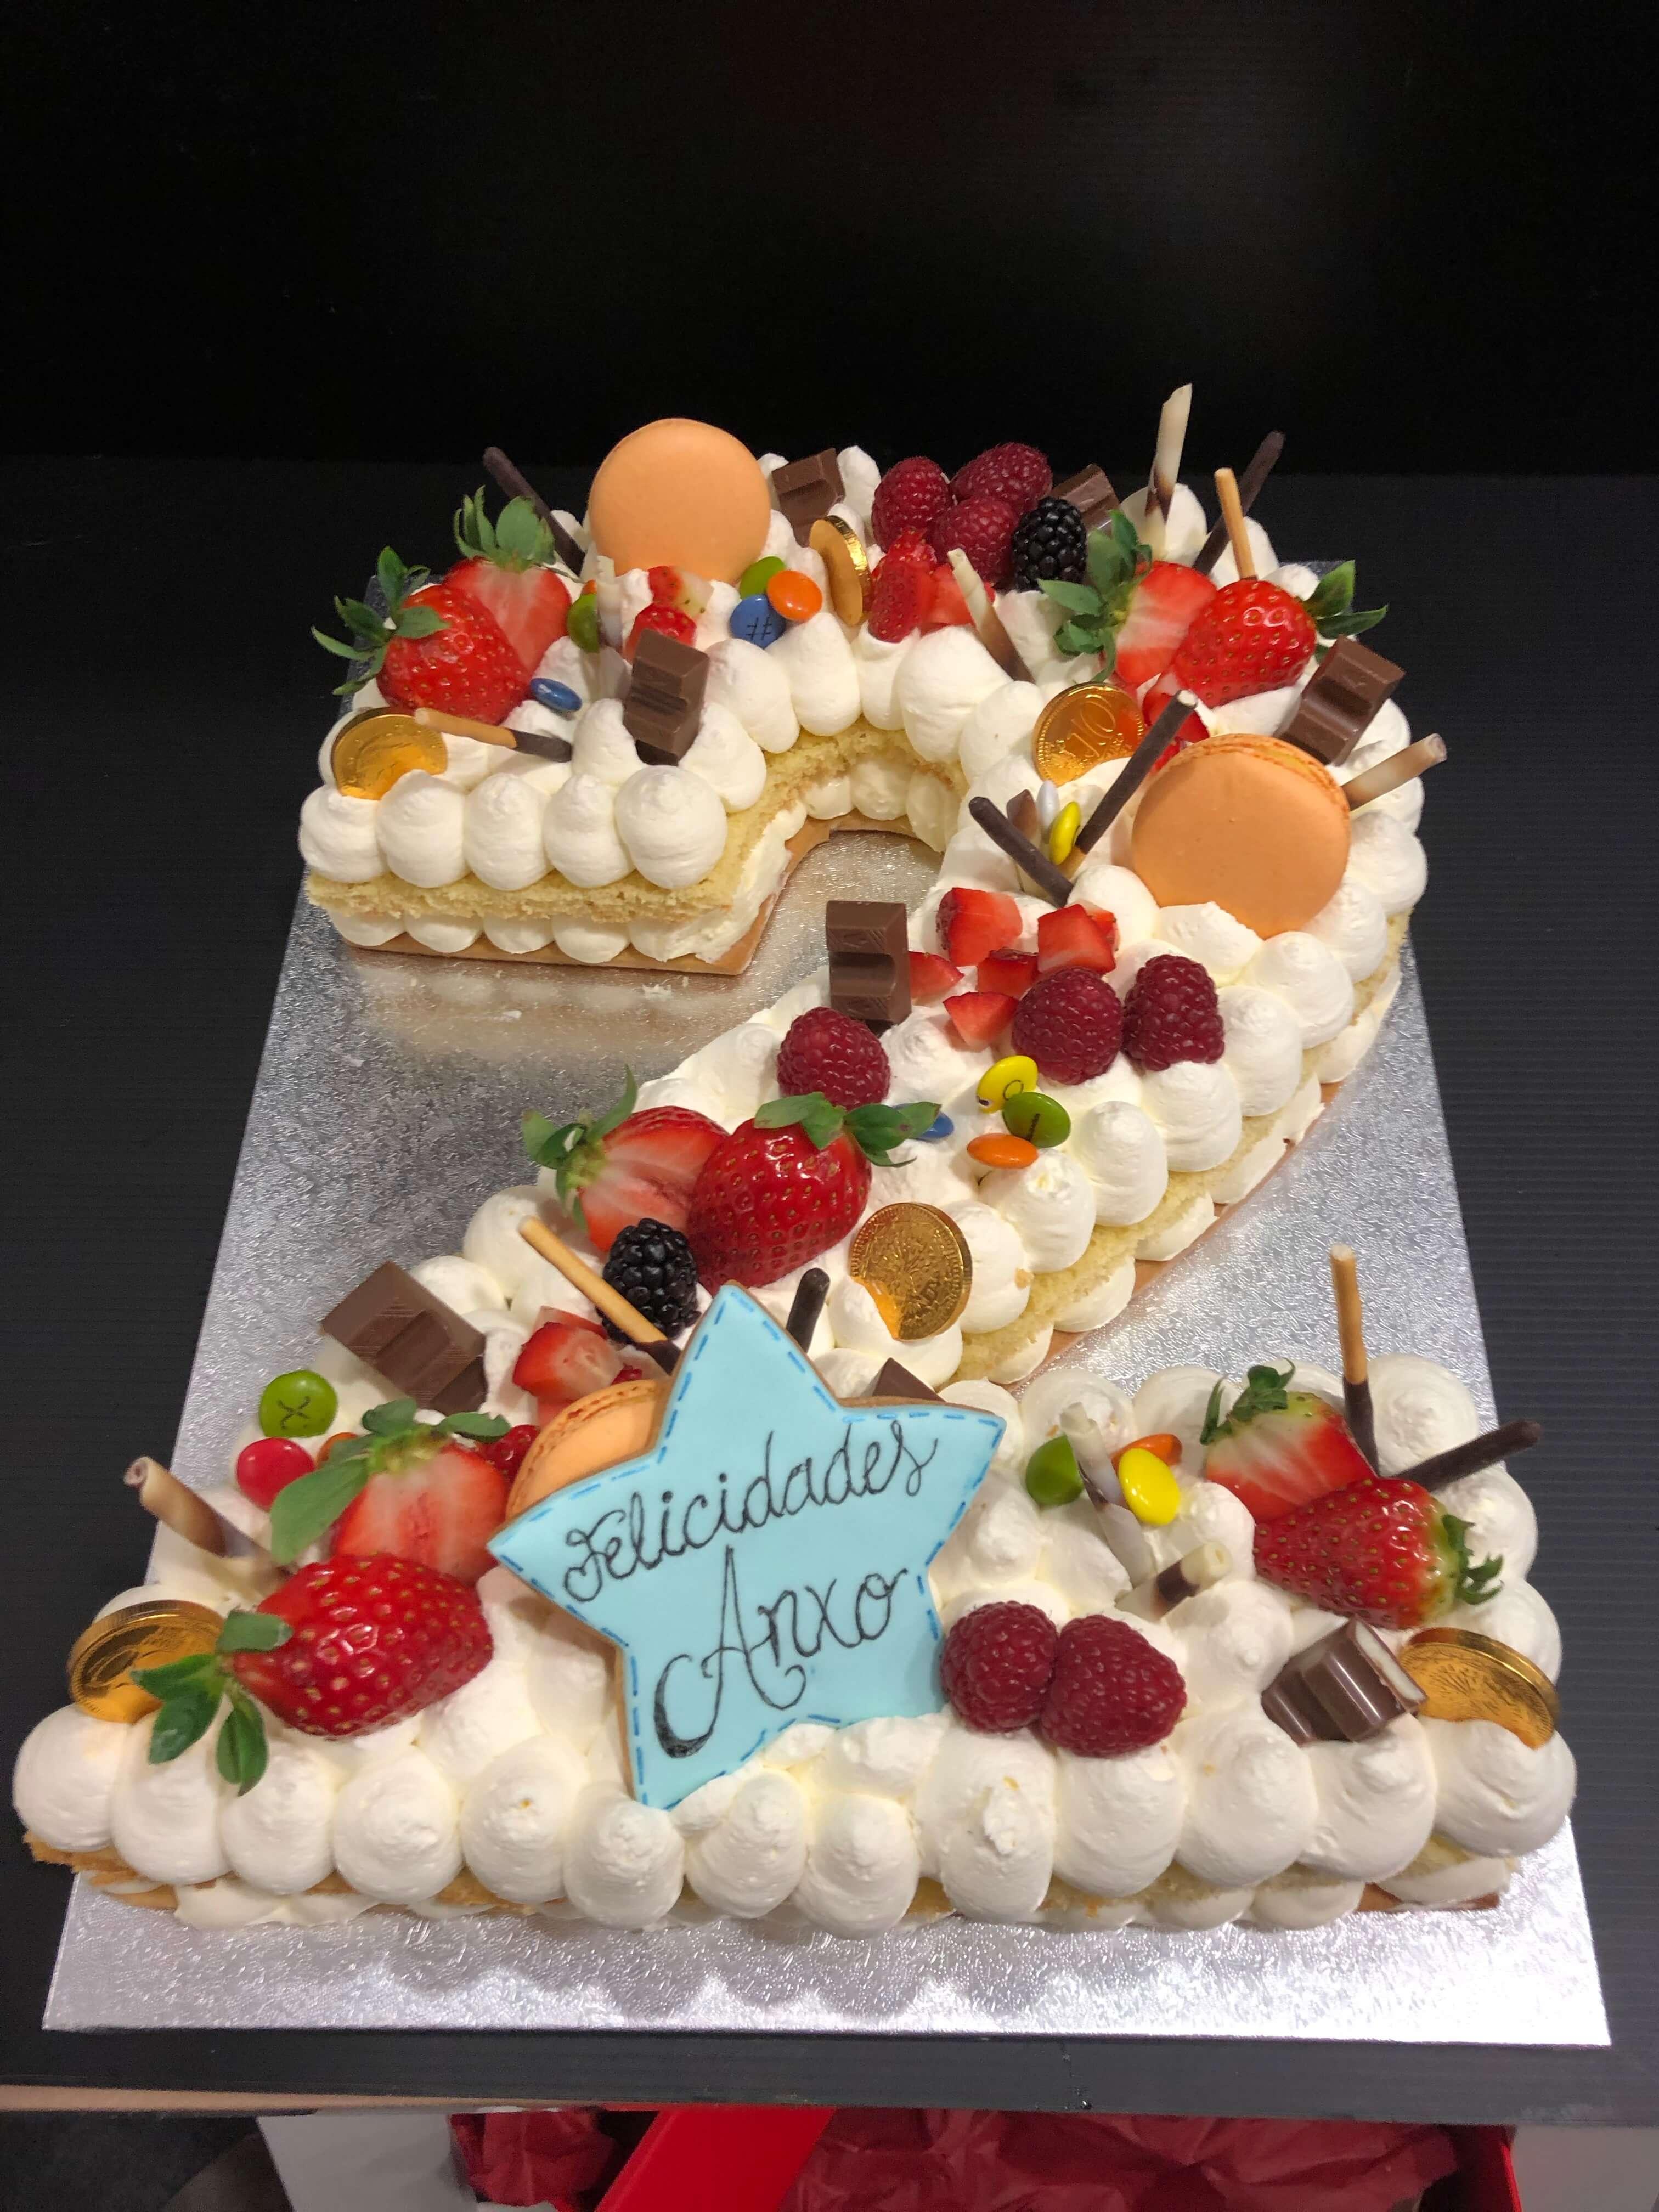 Tarta números y letras coruña letter cake tarta Numeros o letras cumpleaños coruña personalizada  letras y flores preciosa y rica